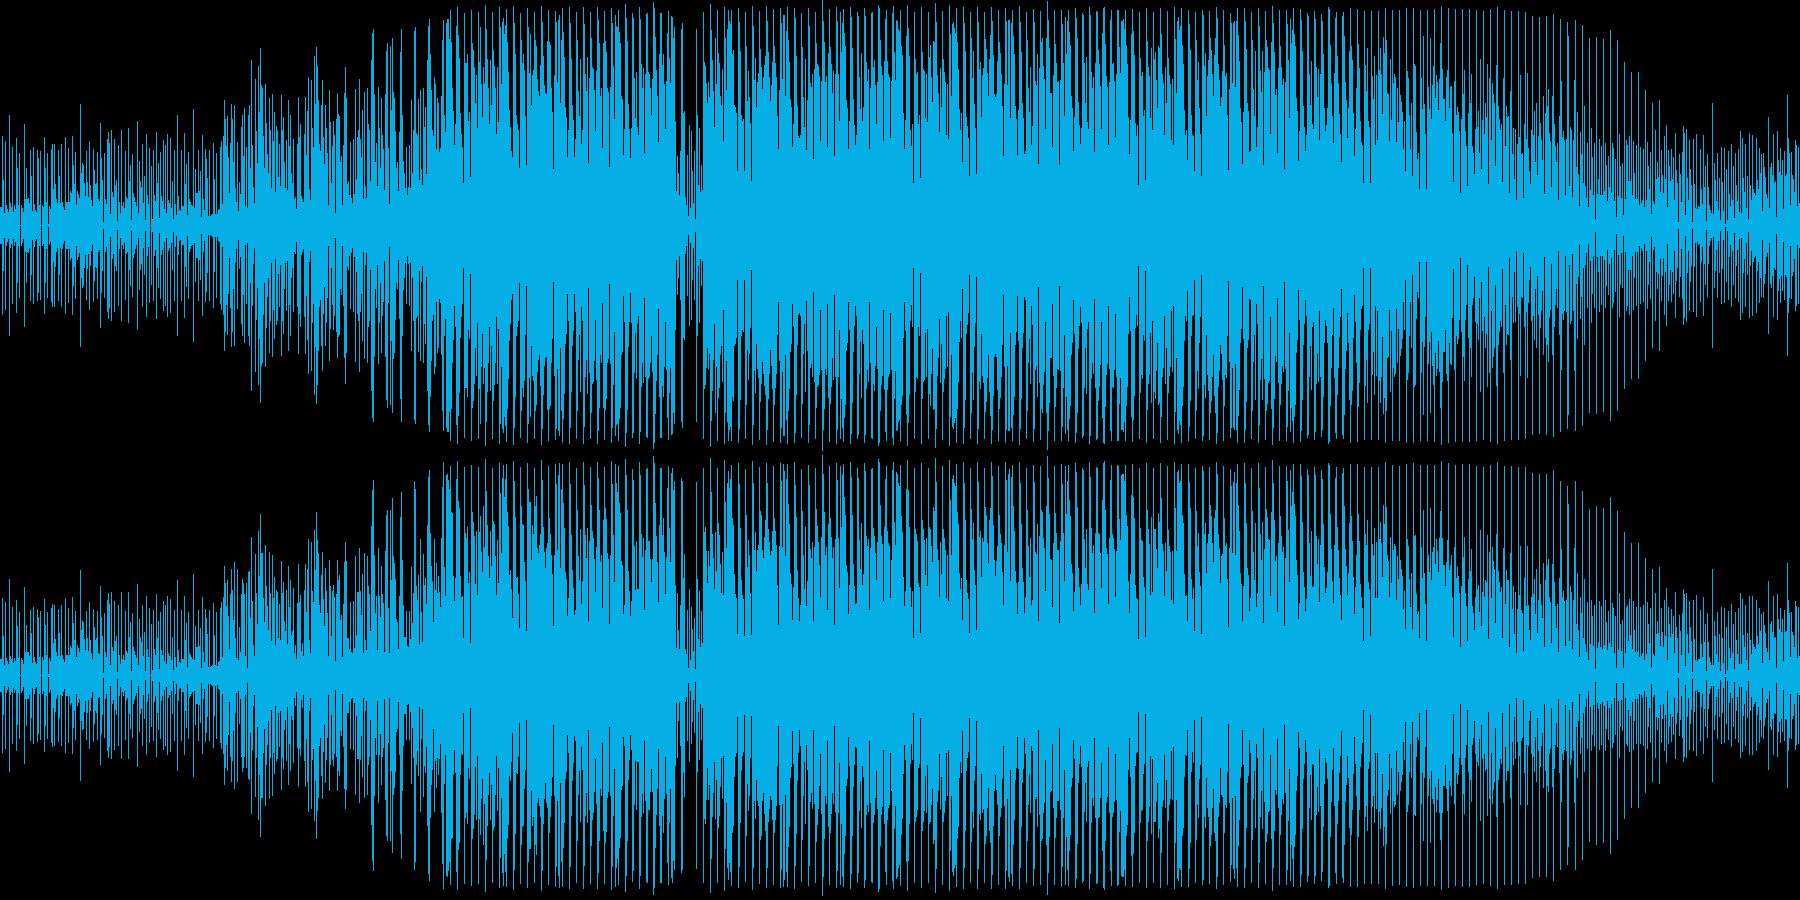 一般的なシンセドラムのループの再生済みの波形